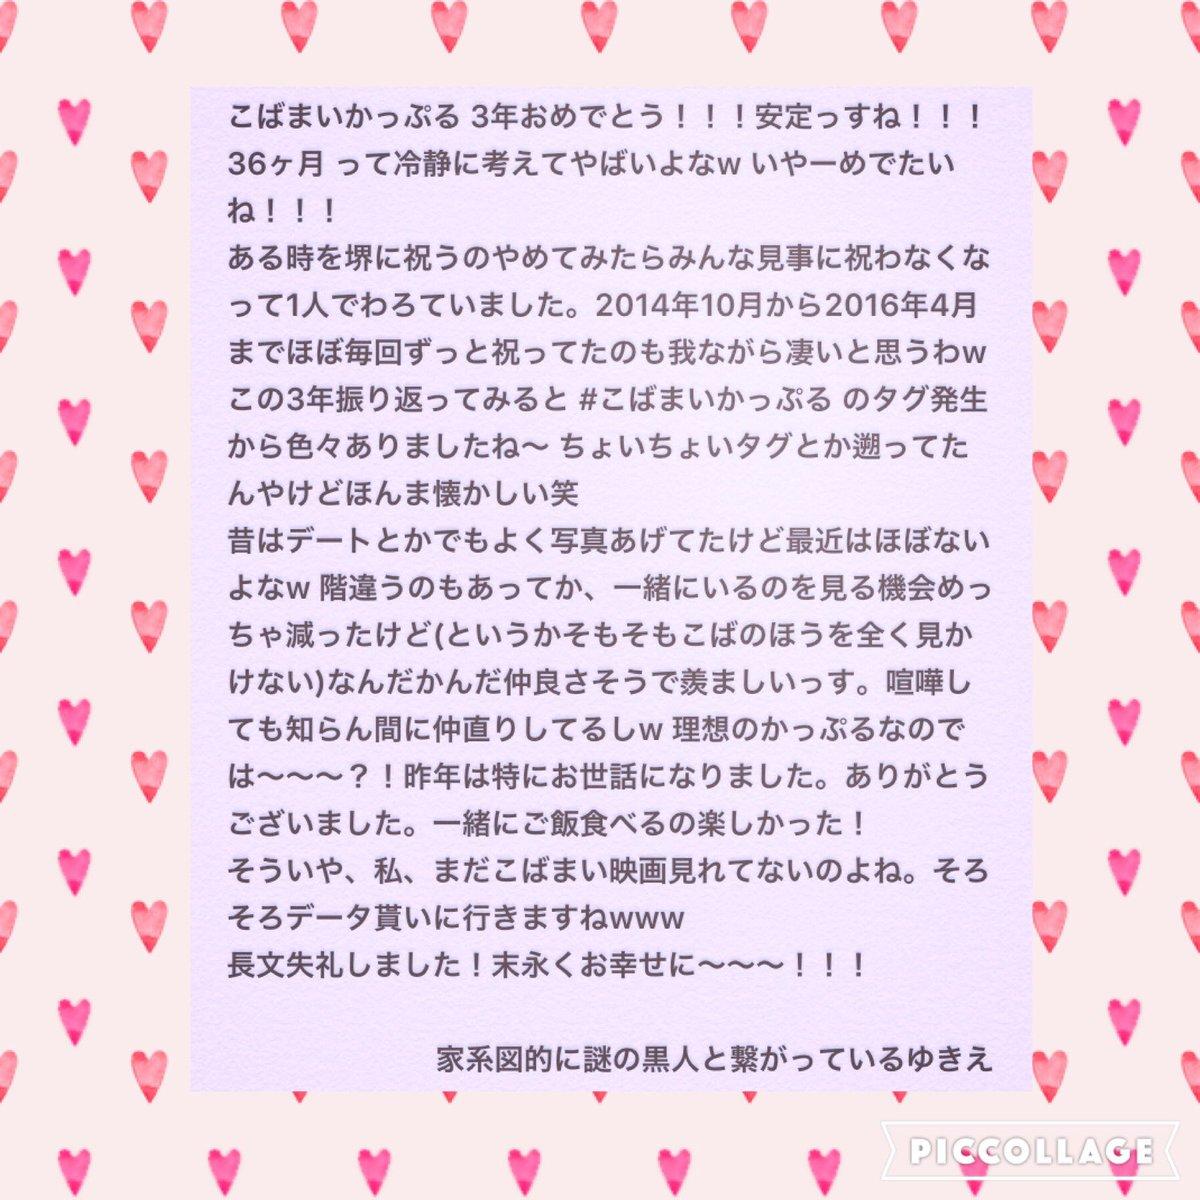 3 ヶ月 記念 日 英語